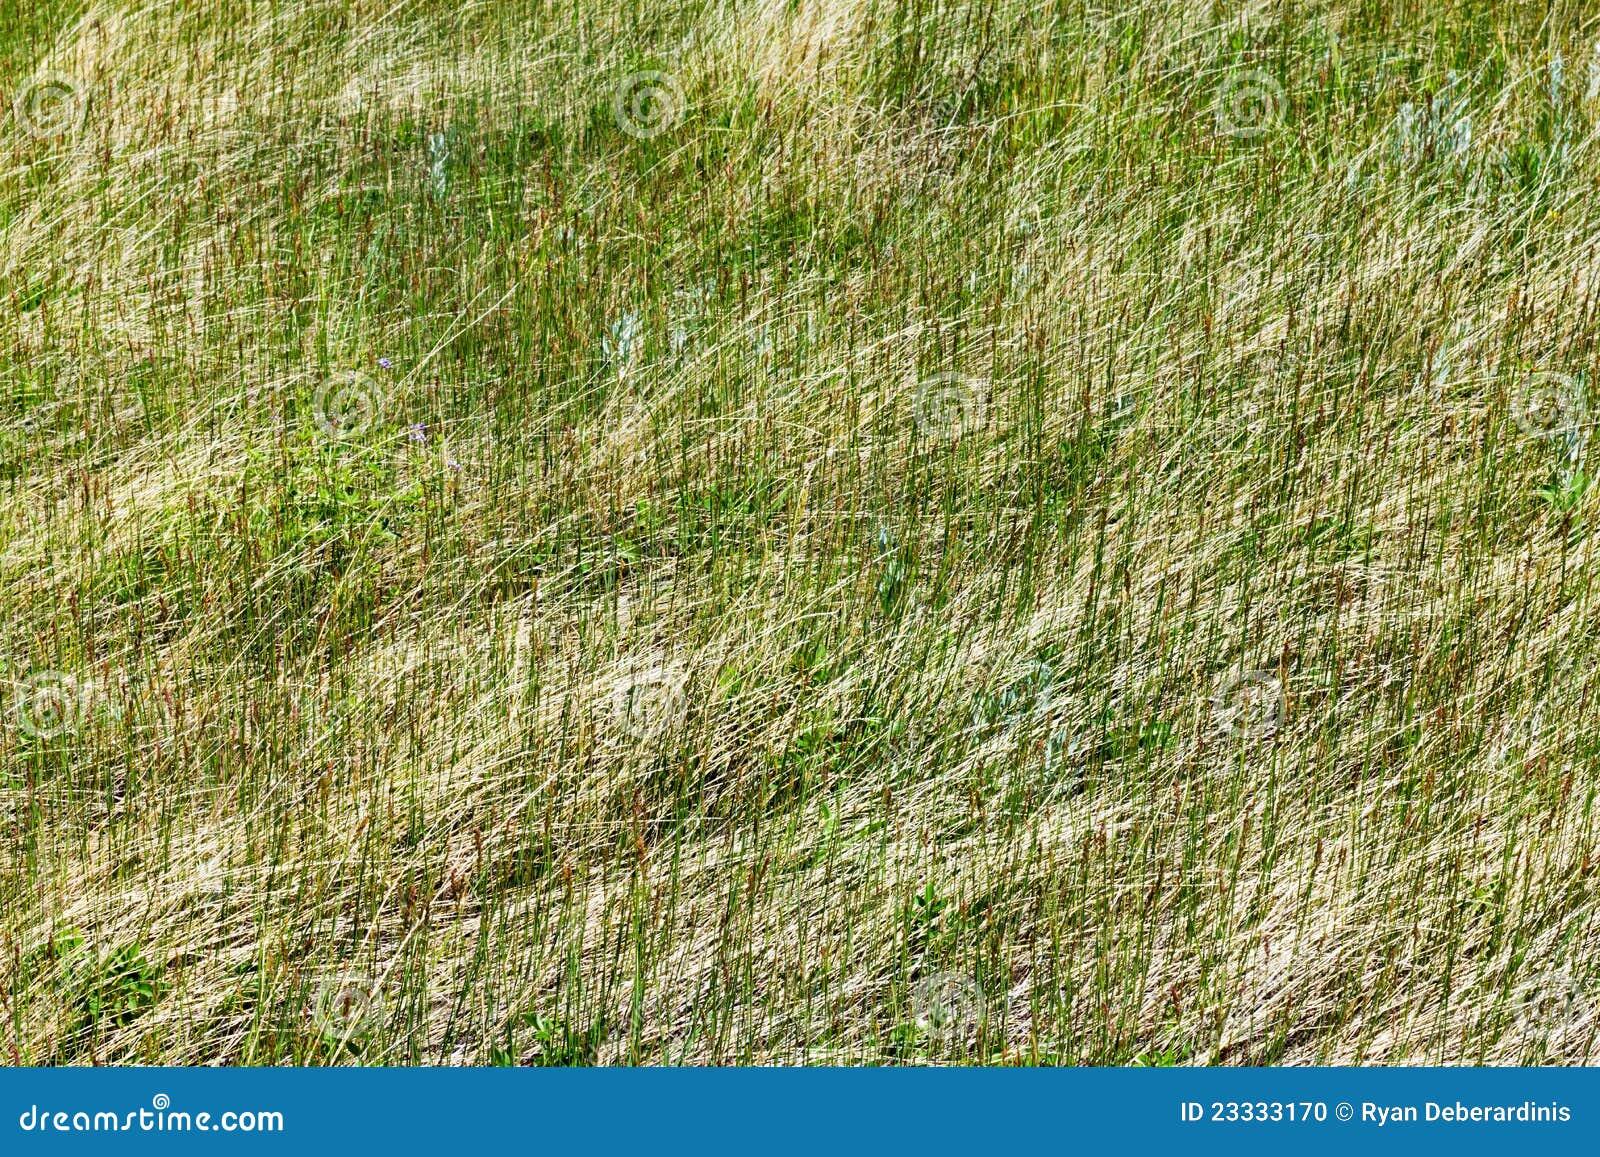 Groen van de textuur van het gras patroon als achtergrond stock foto afbeelding 23333170 - Groen behang van het water ...